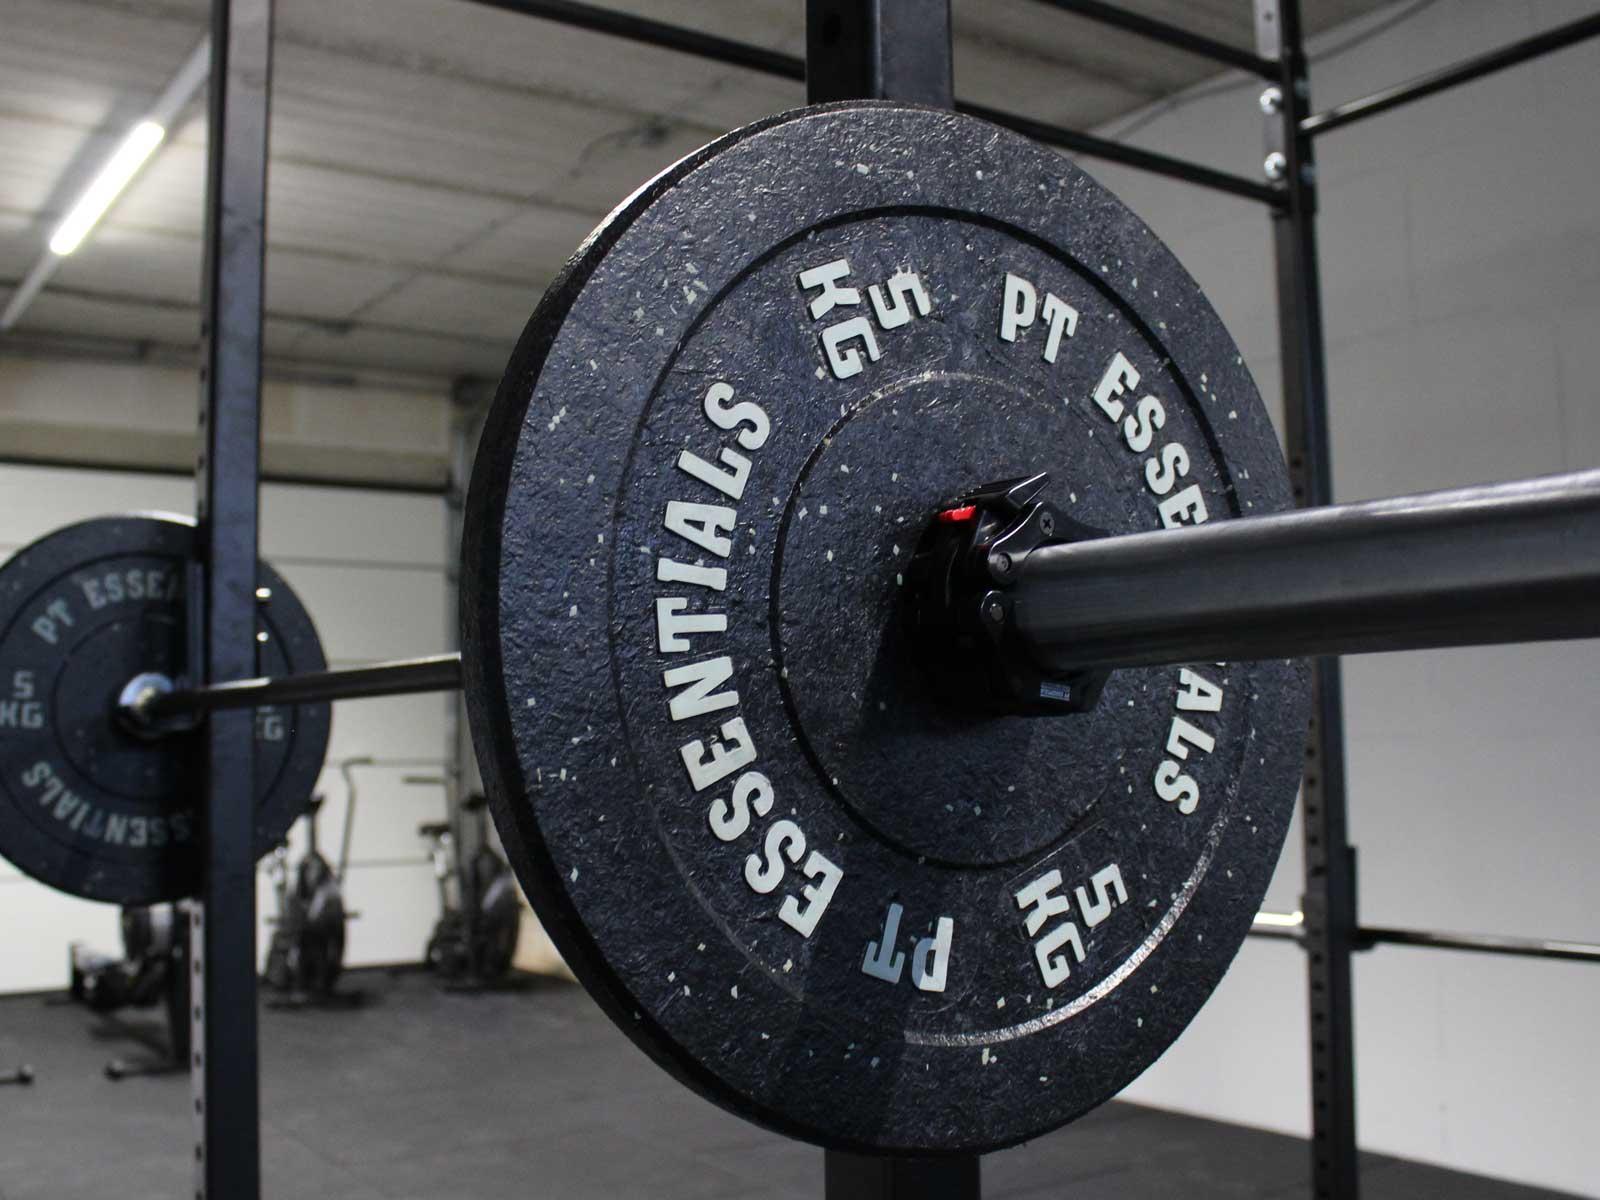 Voordelen van Personal Training in Badhoevedorp bij The Barn Sport & Health